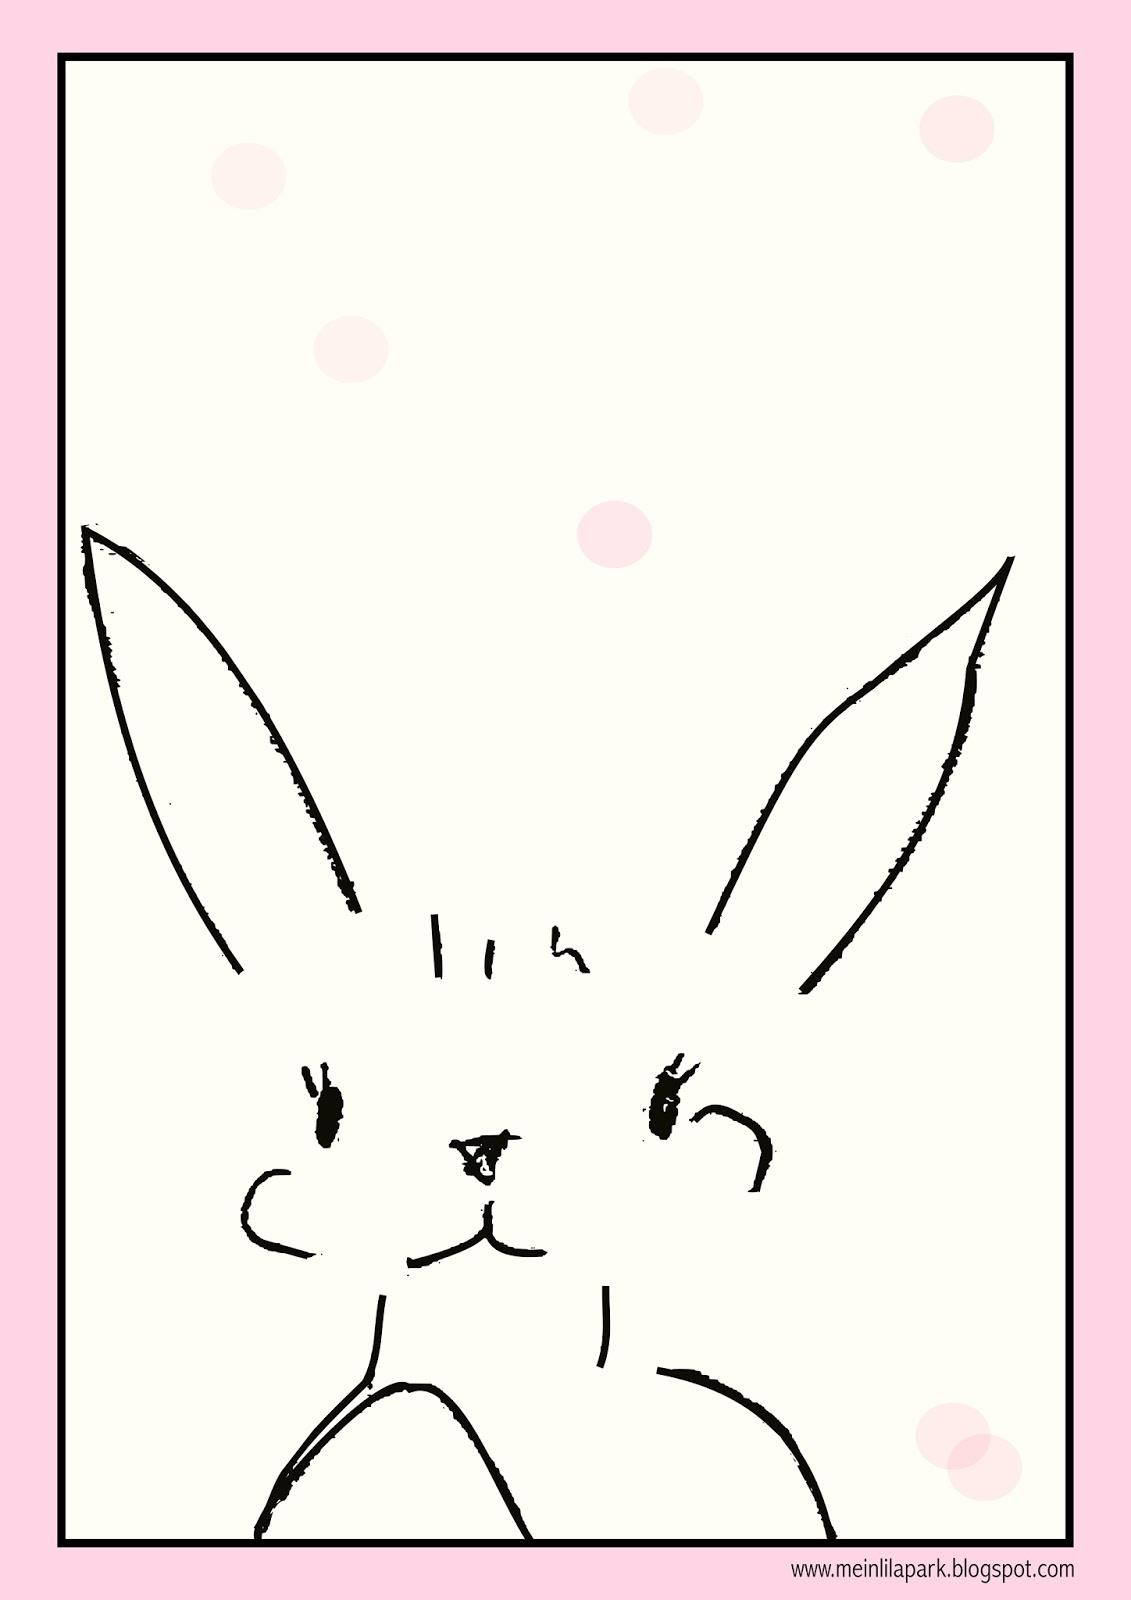 http://2.bp.blogspot.com/-Cqika4y8ixM/U0_Mcmw_nlI/AAAAAAAAdgo/fxjjZ2FVSd0/s1600/bunny_pinkframed.jpg